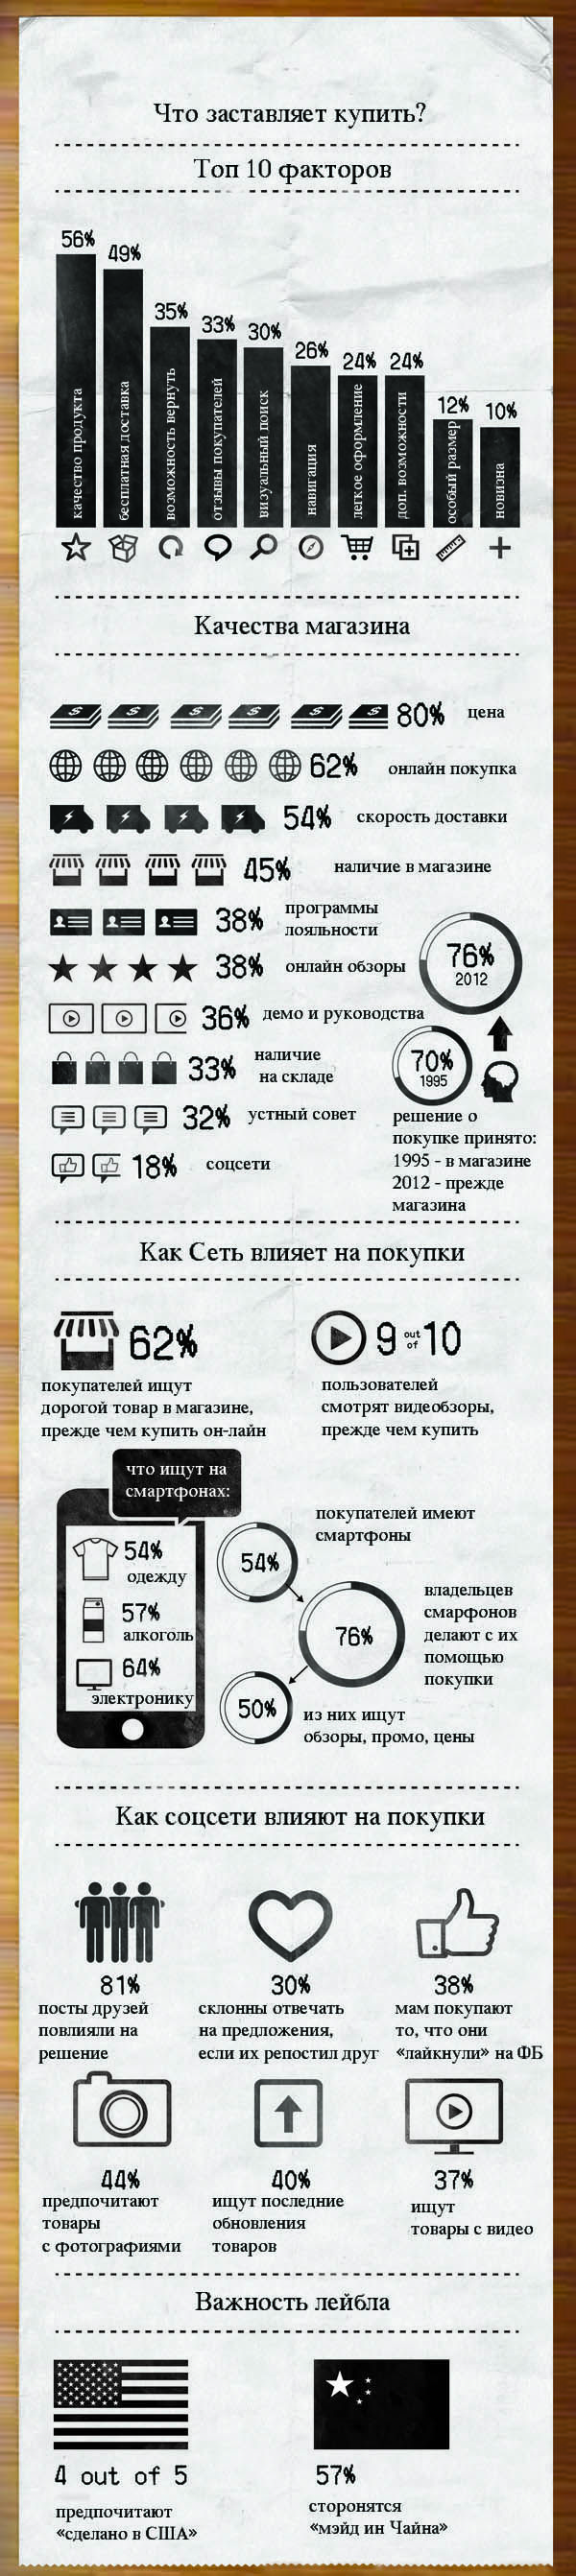 Факторы, влияющие на решение об онлайн-покупке (инфографика) | WebAwards.com.ua